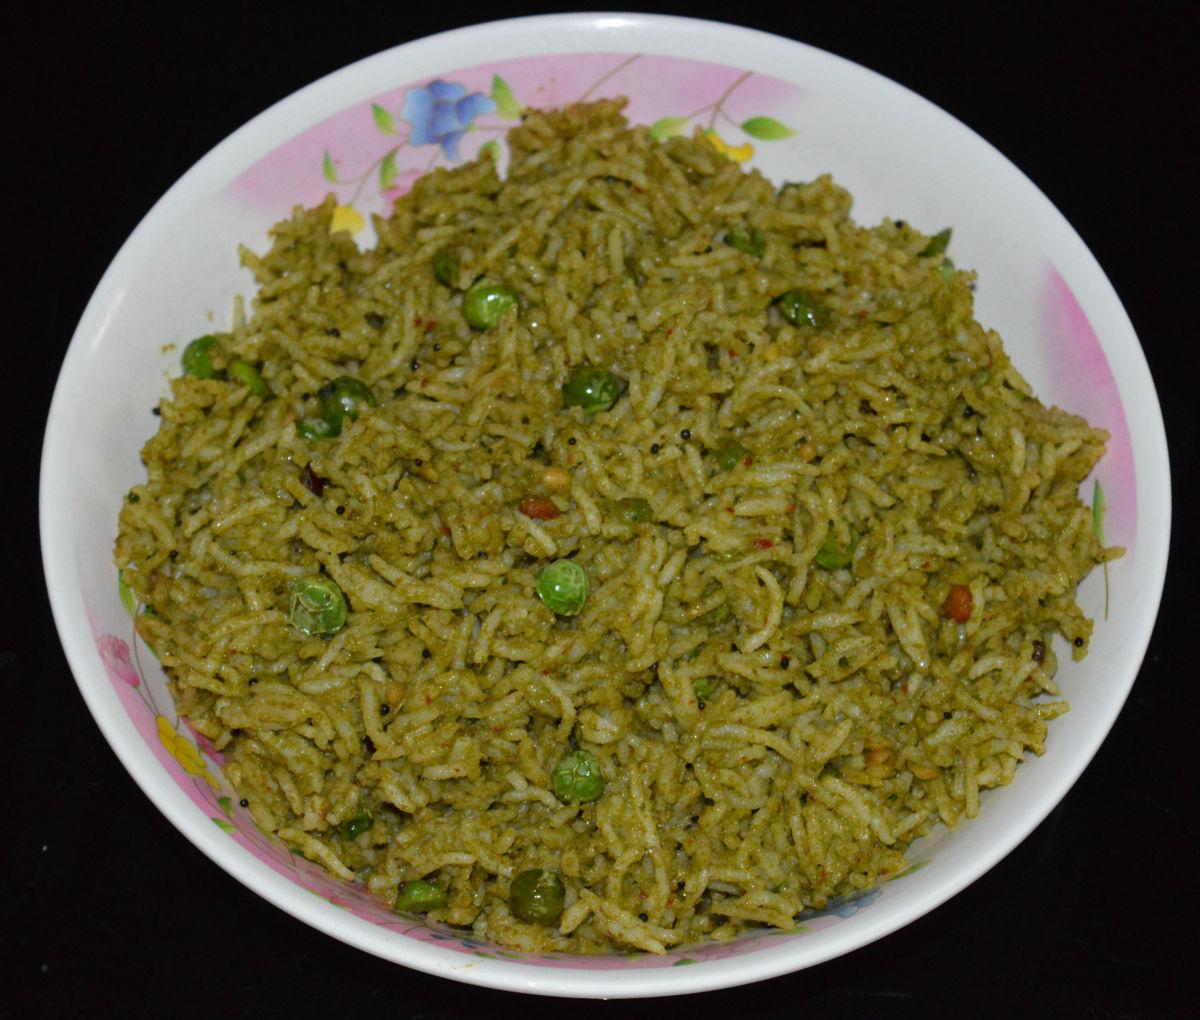 Mint Leaf Rice (Pudina Rice or Pudina Pulao)